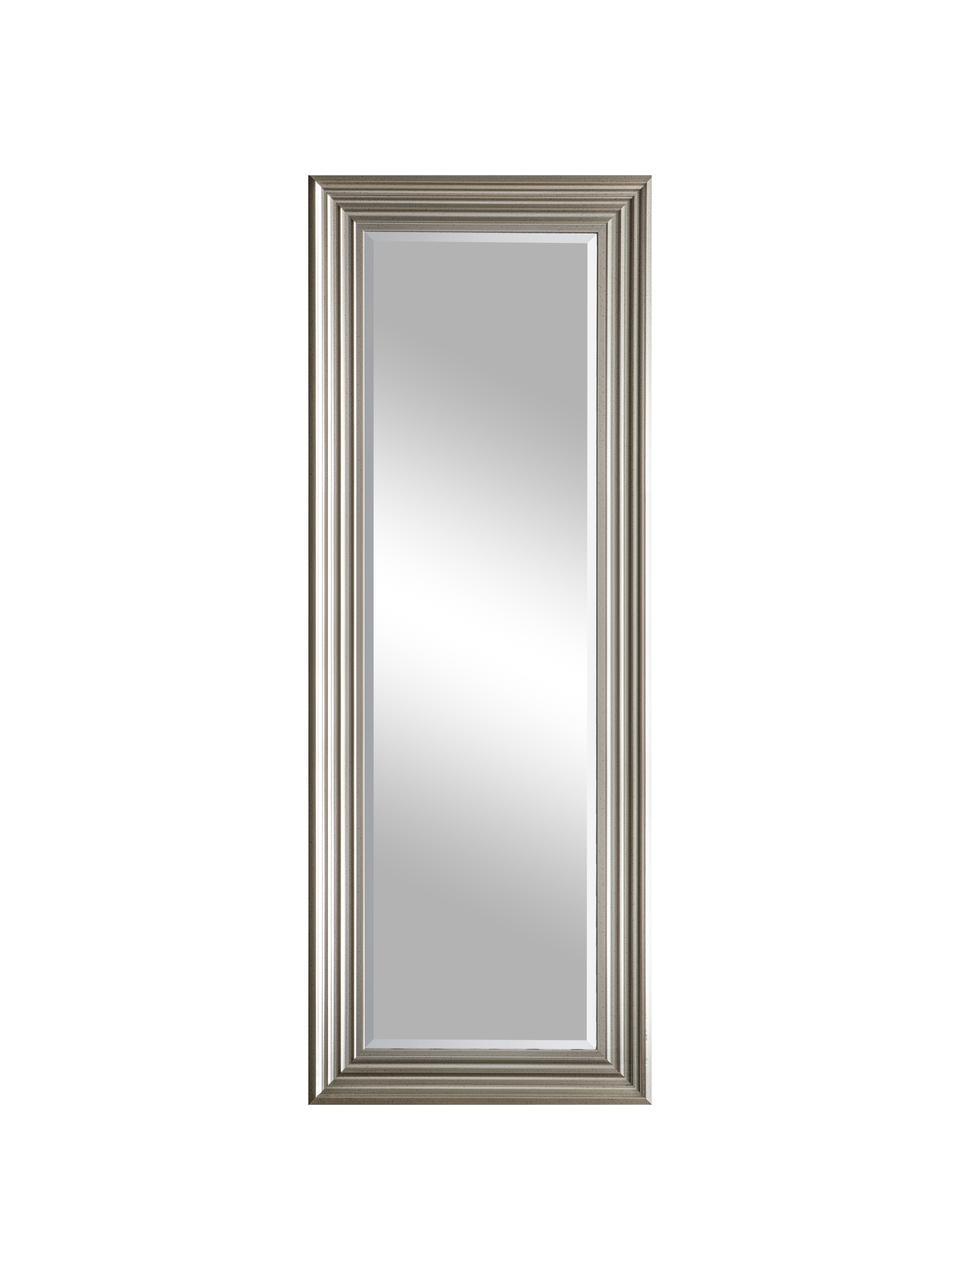 Eckiger Wandspiegel Haylen, Rahmen: Kunststoff, Spiegelfläche: Spiegelglas, Platinfarben, 48 x 132 cm